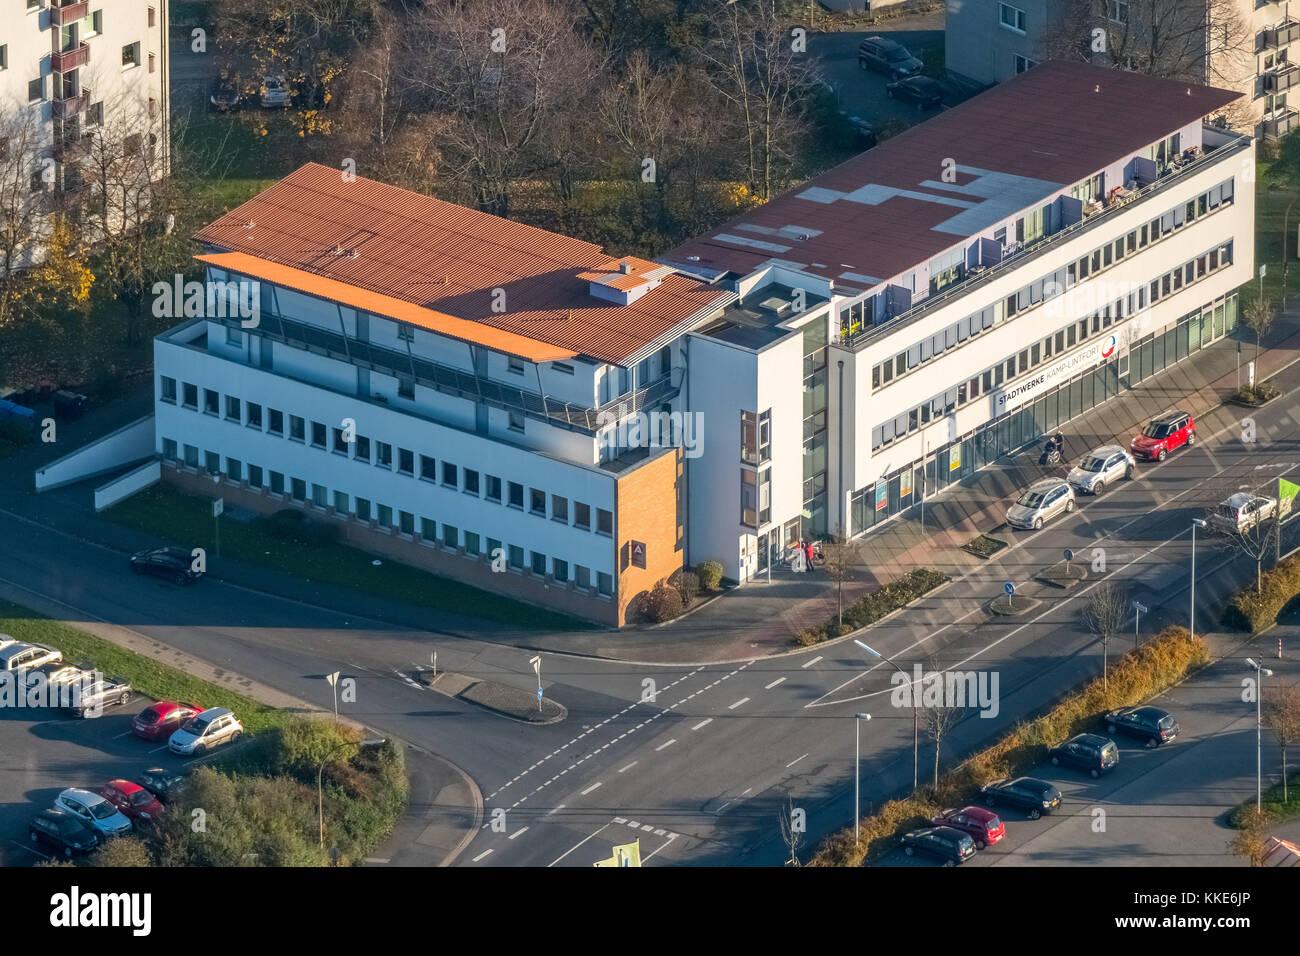 Stadtwerke Kamp-Lintfort, power supply companies, city heat Kamp-Lintfort, Federal Employment Agency Wilhelmstrasse, - Stock Image